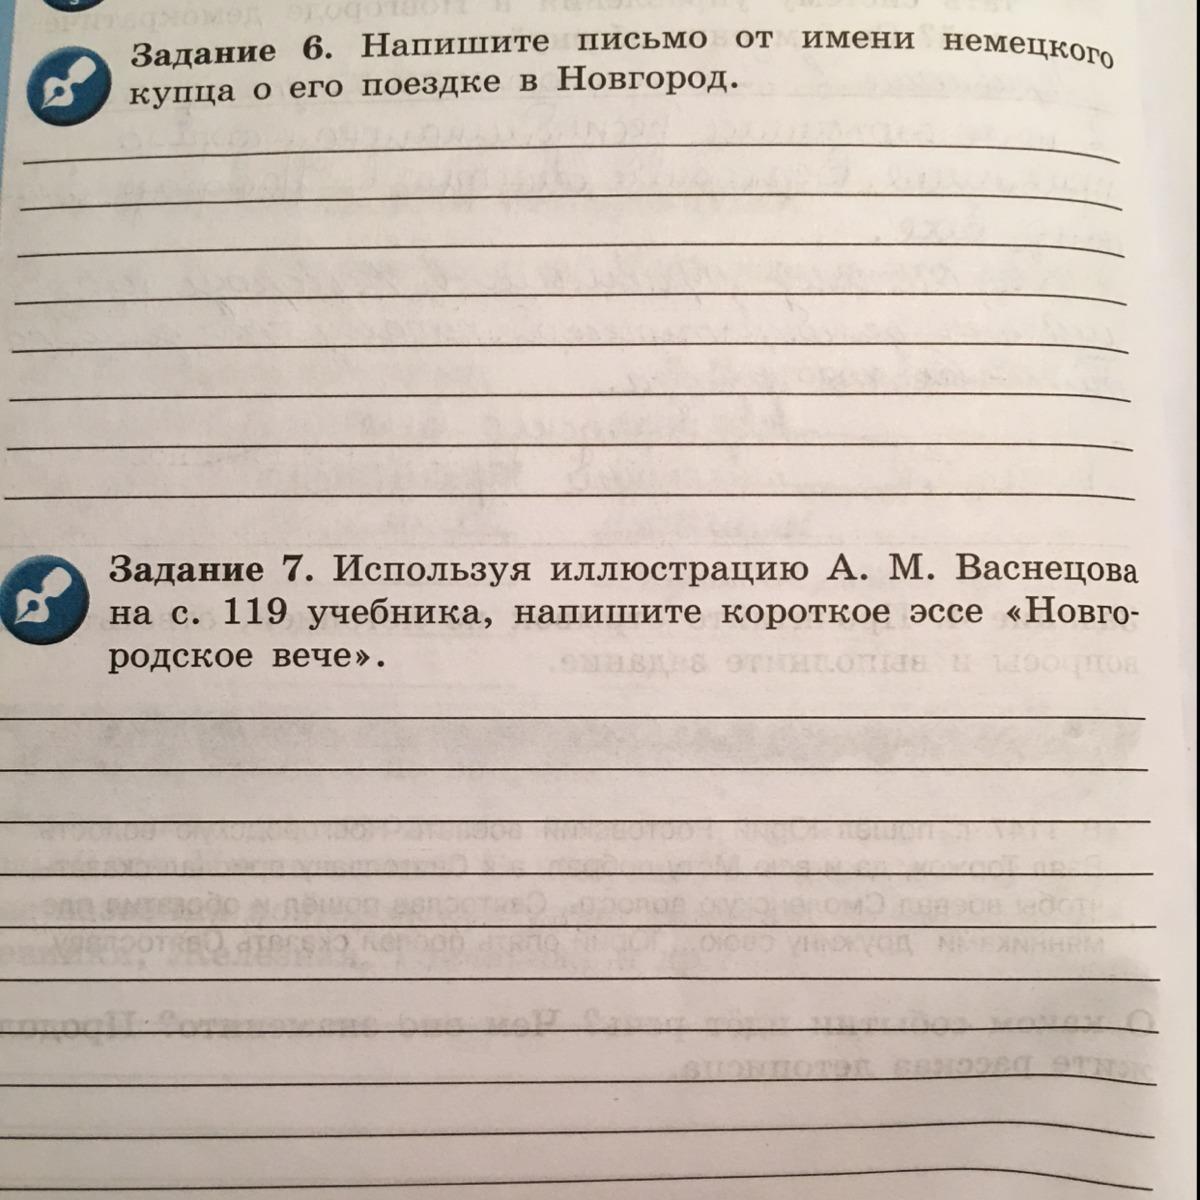 Помогите!!! До 8:00 по московскому времени 7 задание!!! Загрузить png